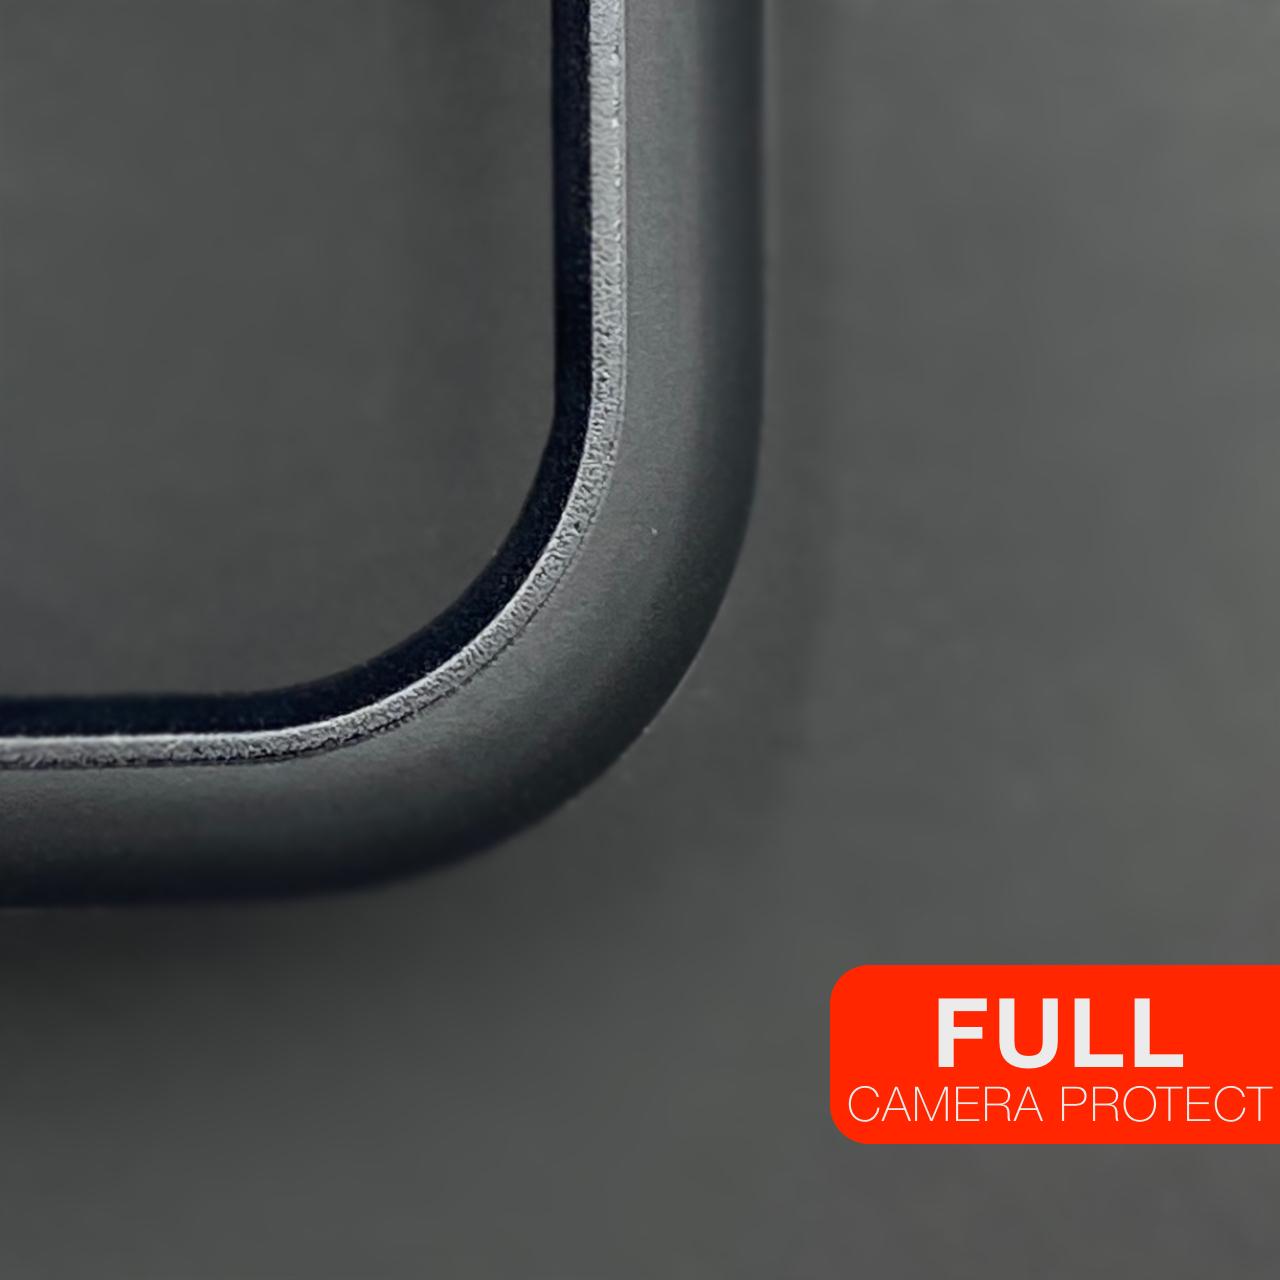 کاور آکام مدل AJsevPri2478 مناسب برای گوشی موبایل سامسونگ Galaxy J7 Prime thumb 2 5